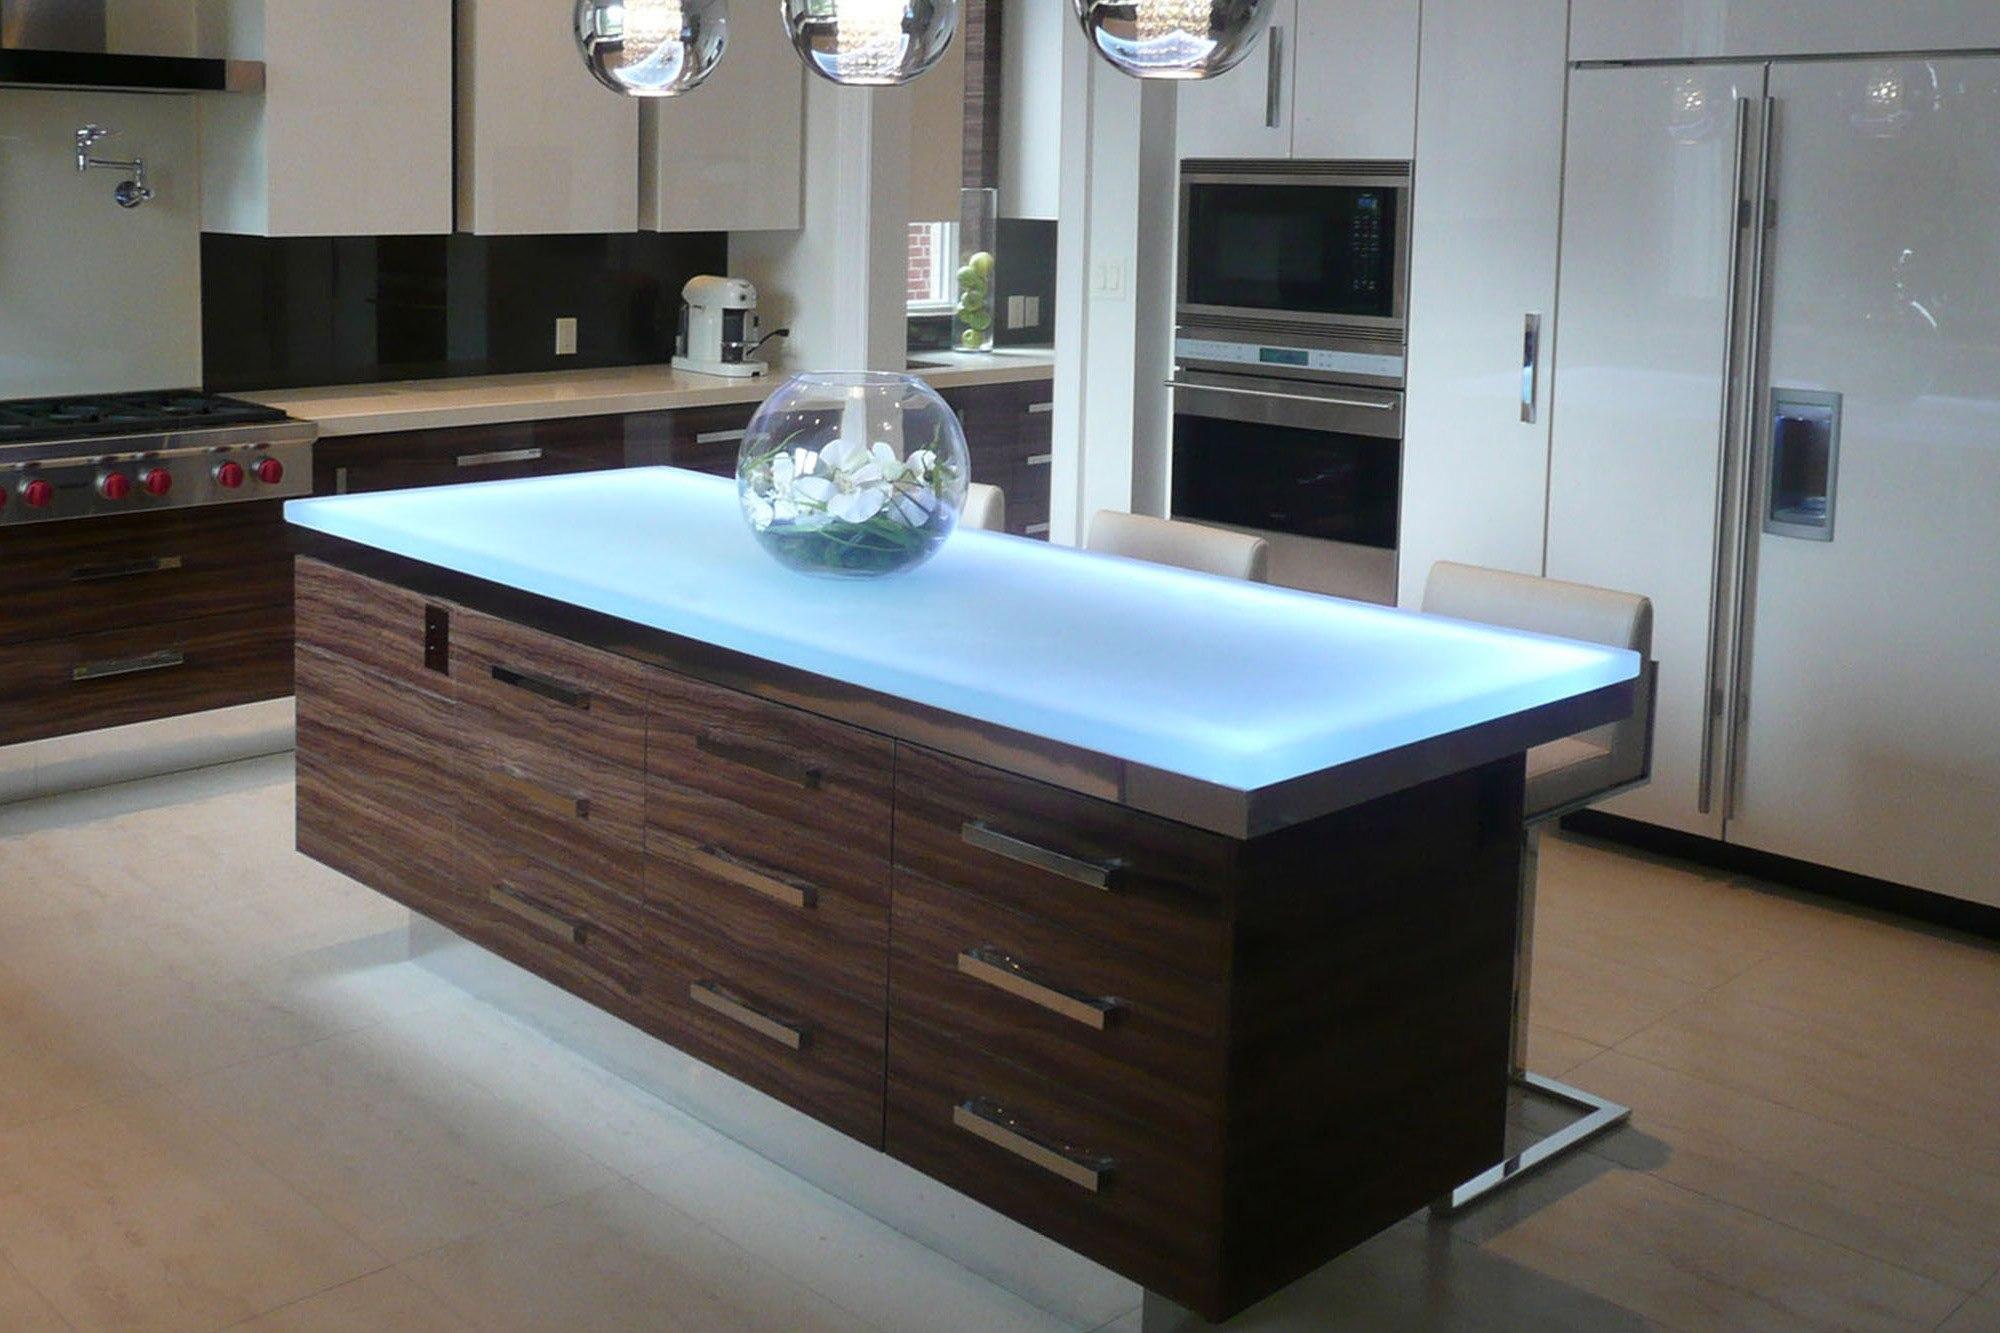 the-ultimate-luksus-touch-til-din-køkken-indretning-glas-bordplader-homesthetics-7